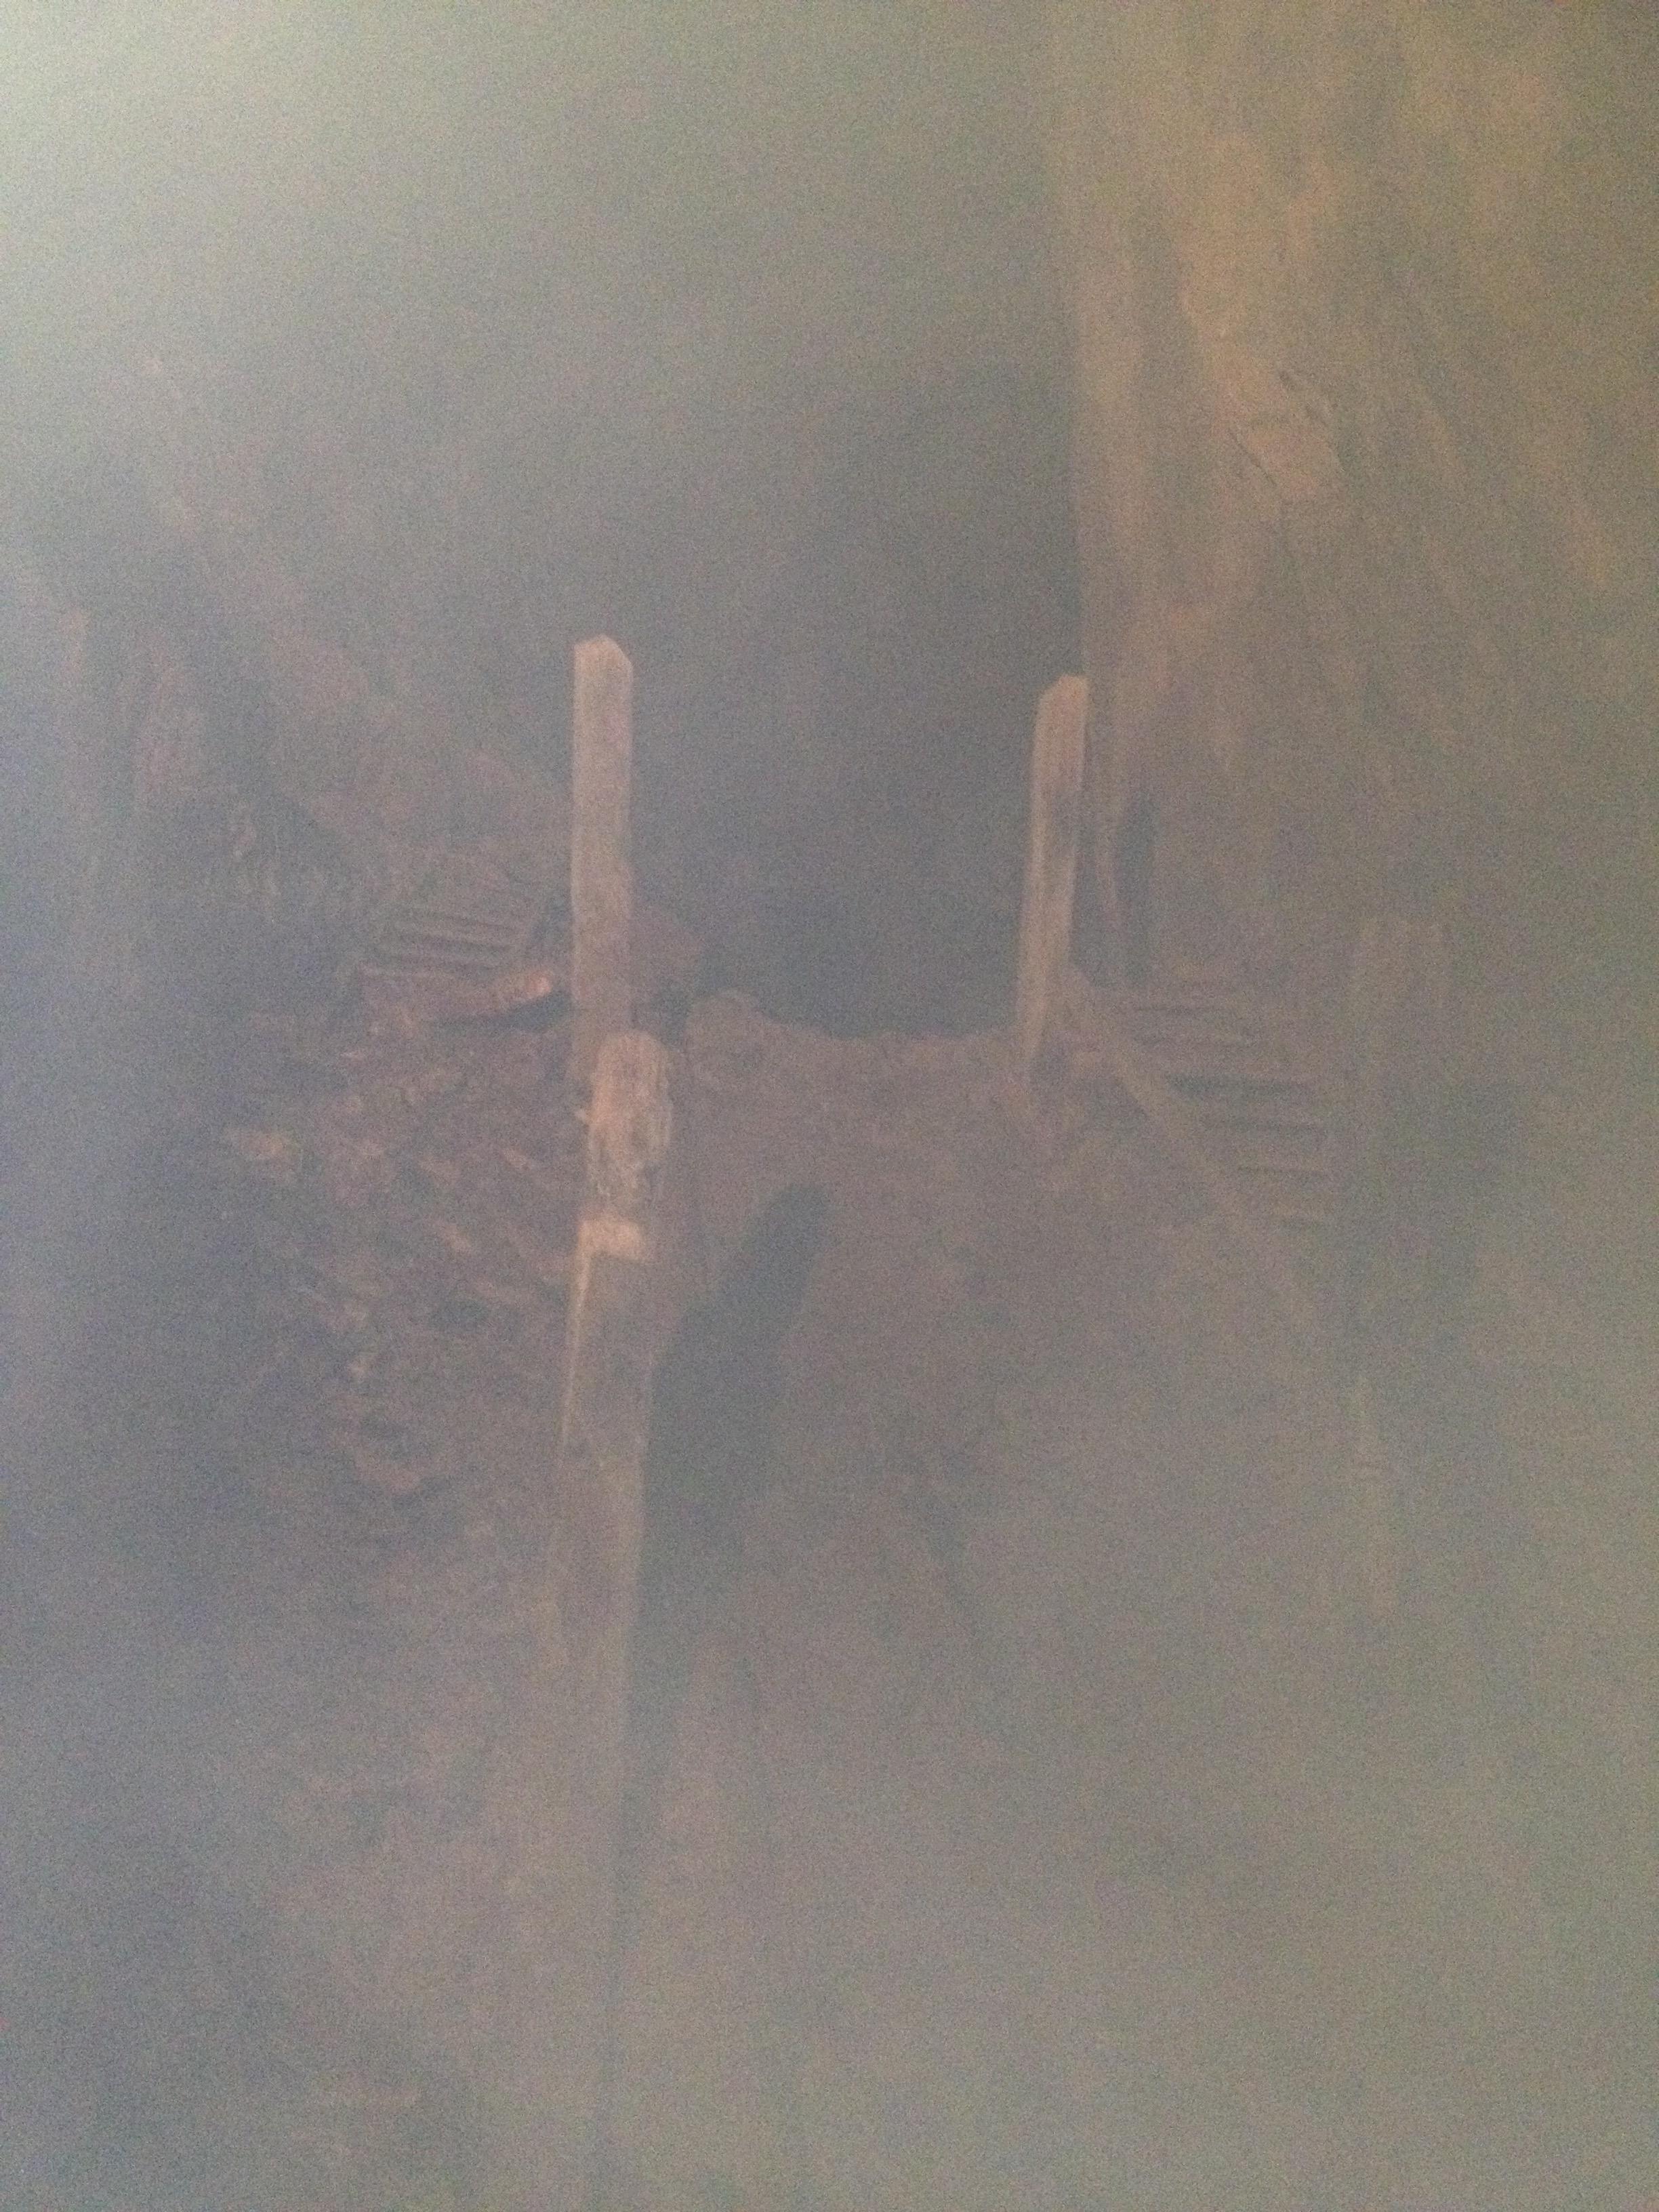 Flera tusen mil gruvgångar, enorma salar. Gruvarbetarna arbetade 6-18 sex dagar i veckan. På en månad kunde de gräva ut mindre än en halv meter. 1637 arbetade 800 man i gruvan. Tänk så många arbetstimmar det tagit att skapa gångarna i det hårda berget.